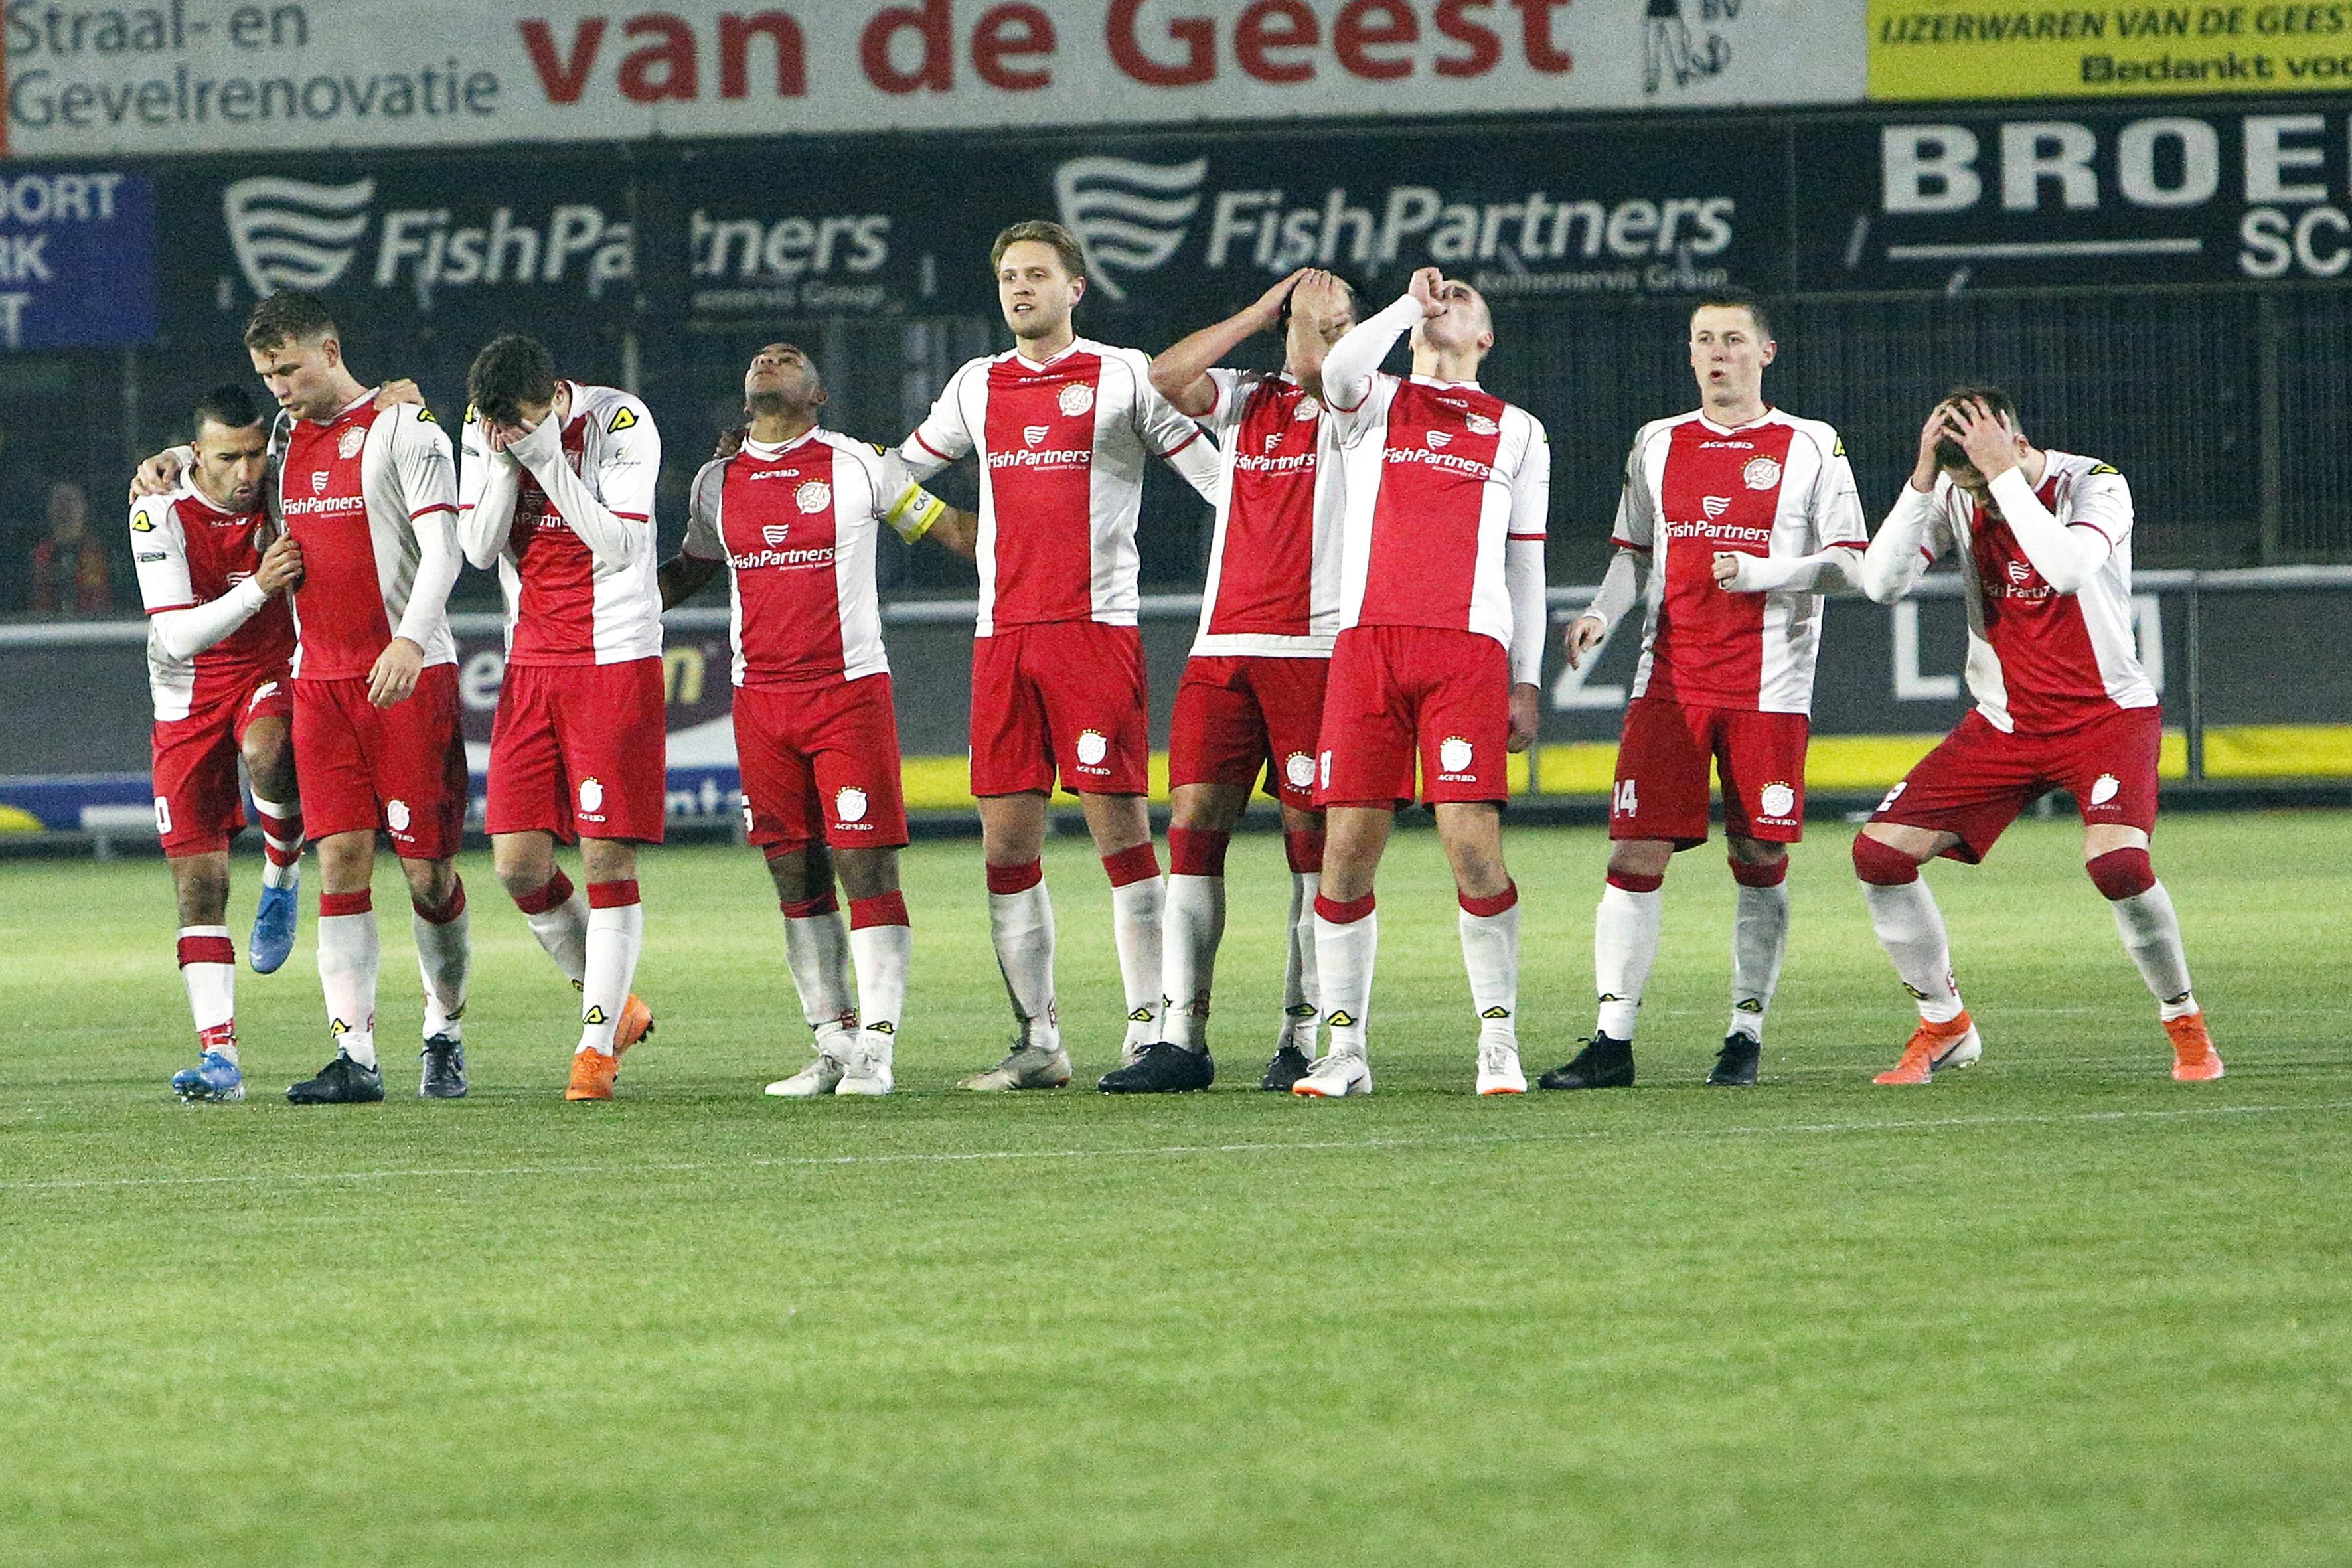 Begrip bij IJsselmeervogels voor besluit van voetbalbond om amateurclubs uit KNVB-beker te halen: 'Ze moeten toch eens een keer door'